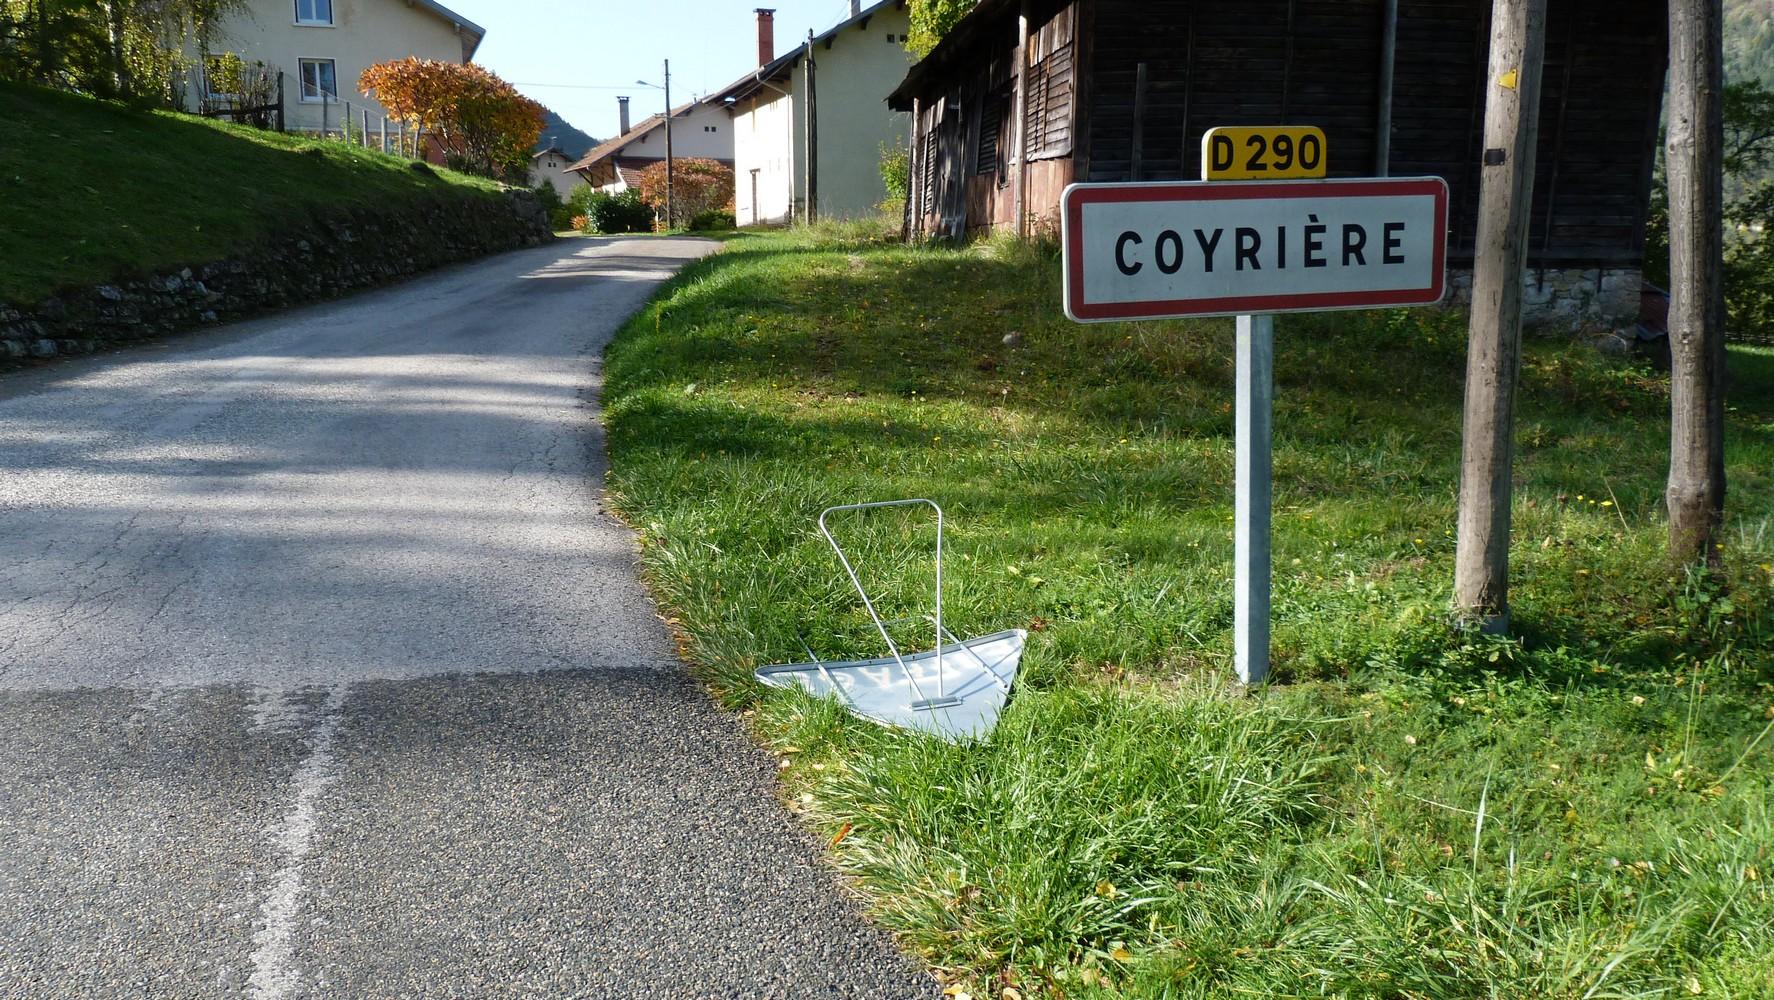 Travaux à Coyrière, entre signalisation absente et panneaux couchés, cherchez l'erreur…